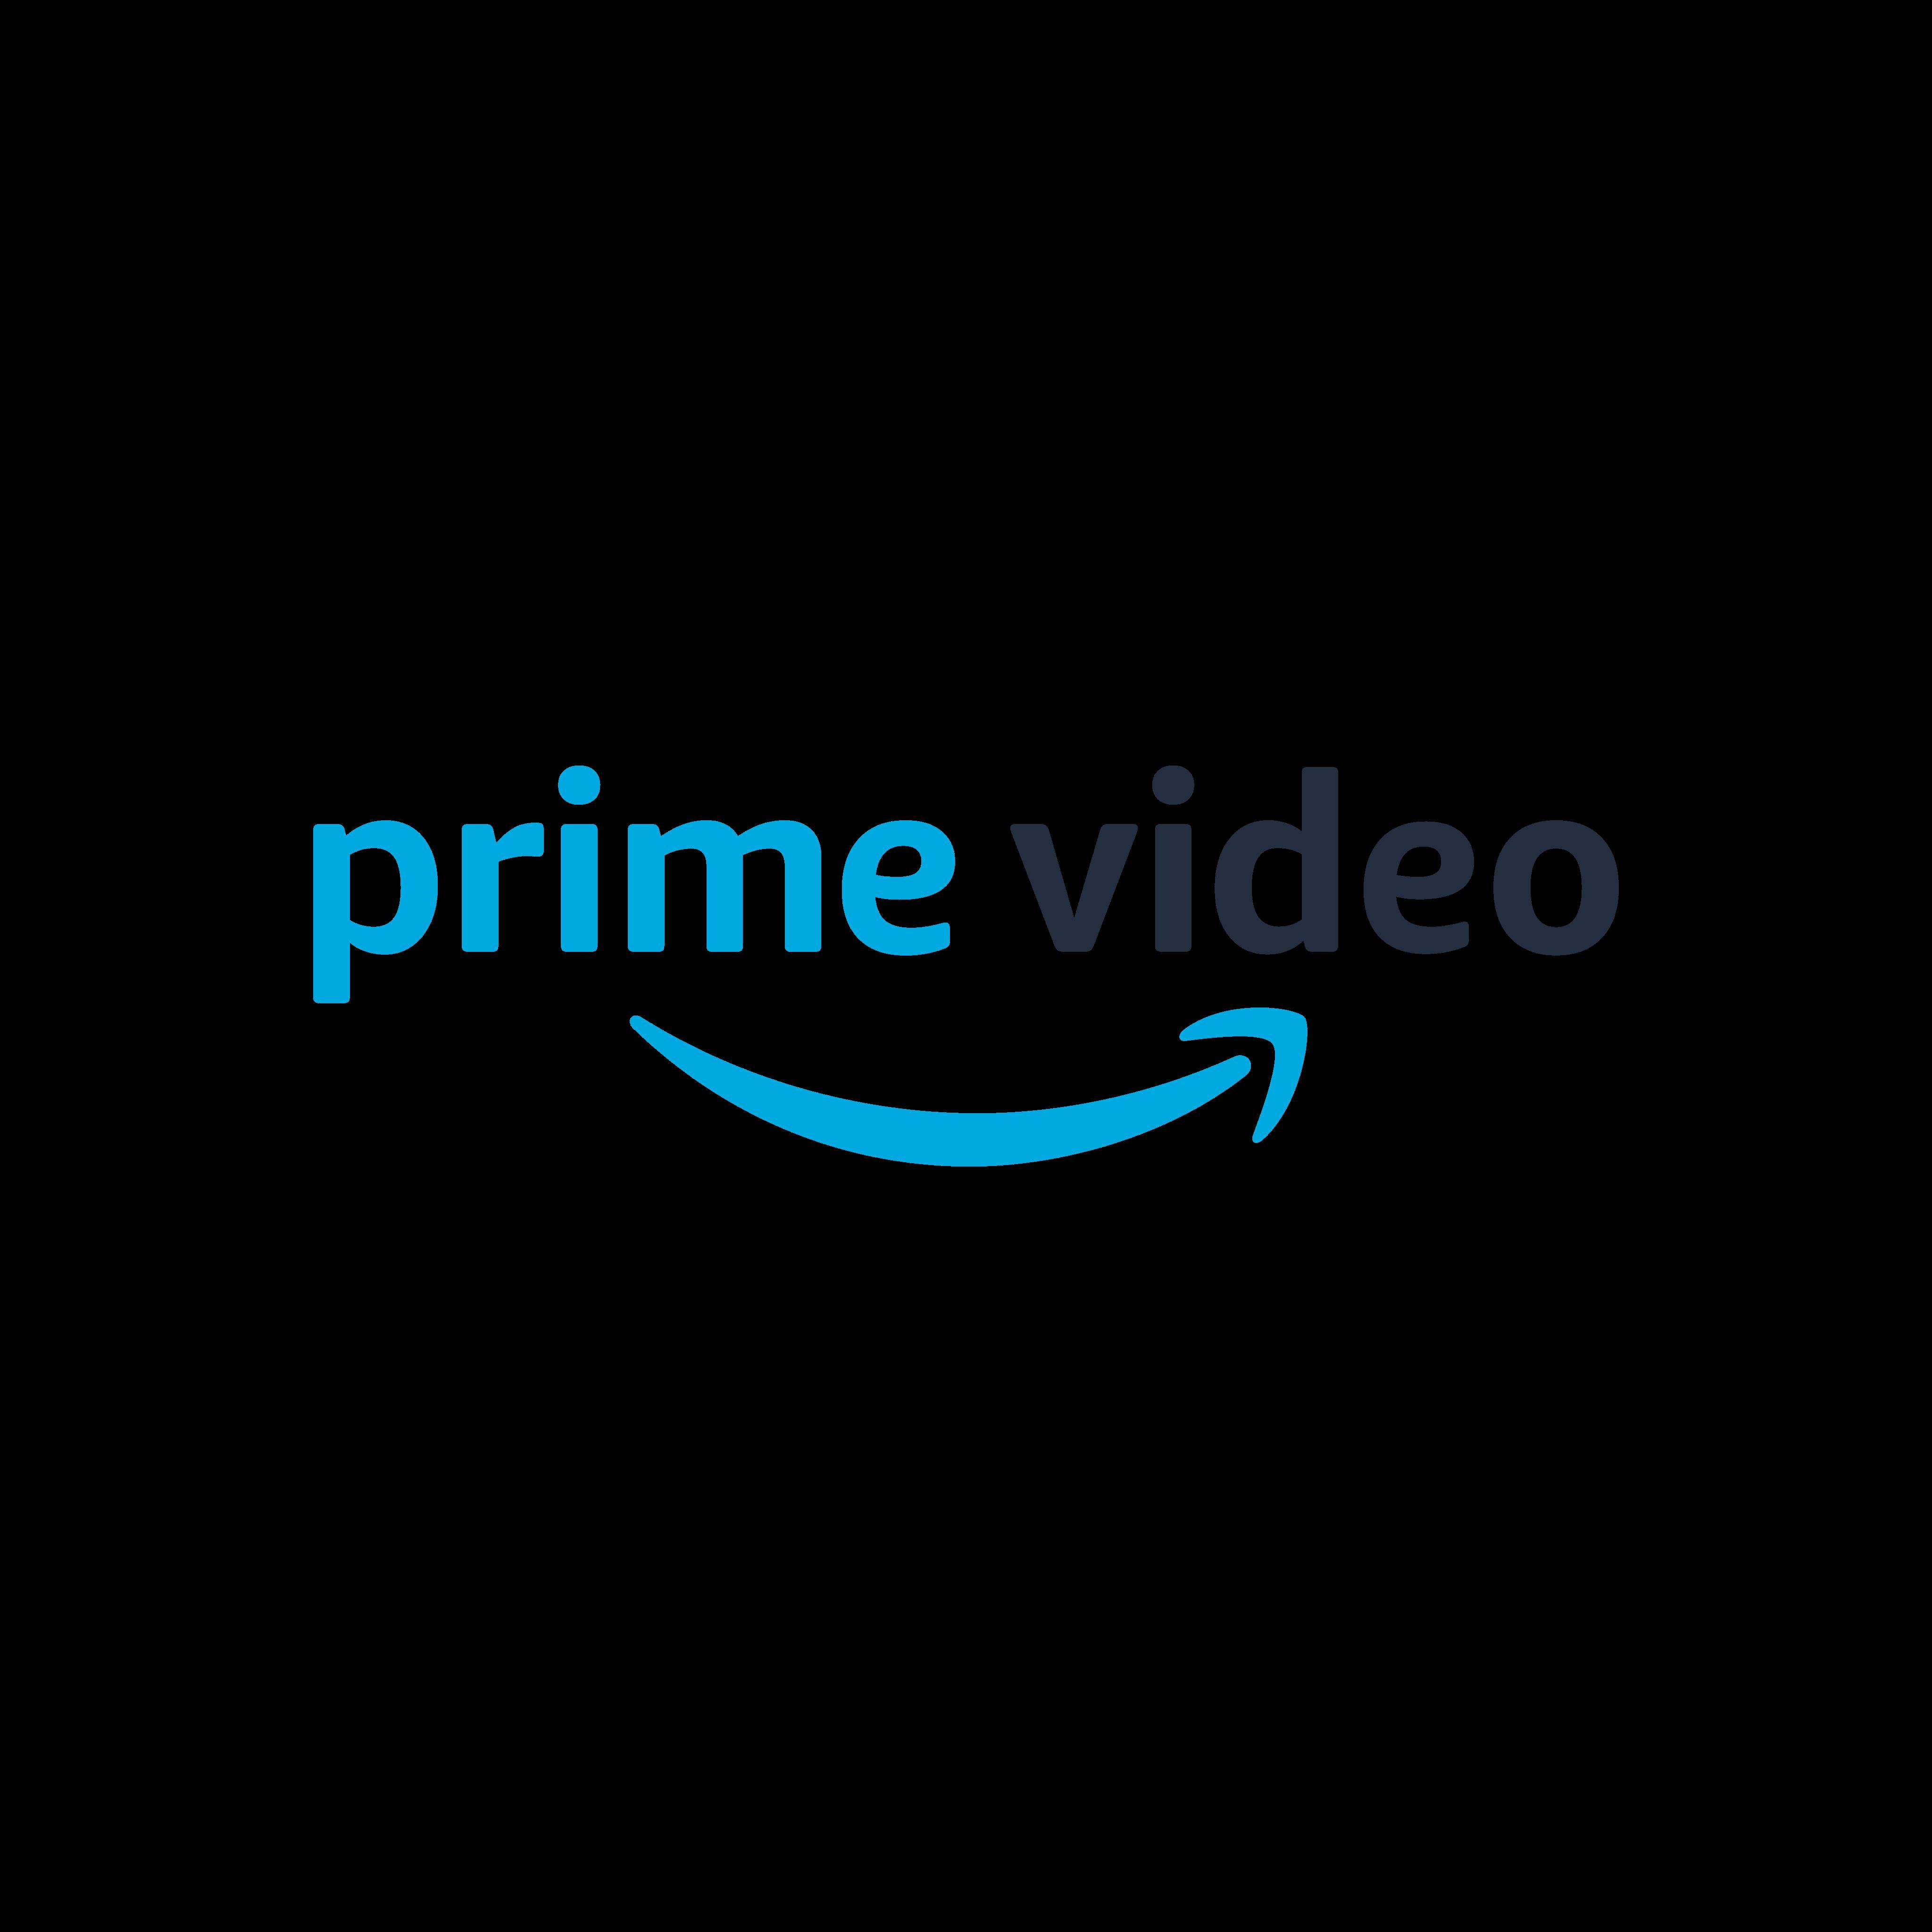 prime video logo 0 - Prime Video Logo